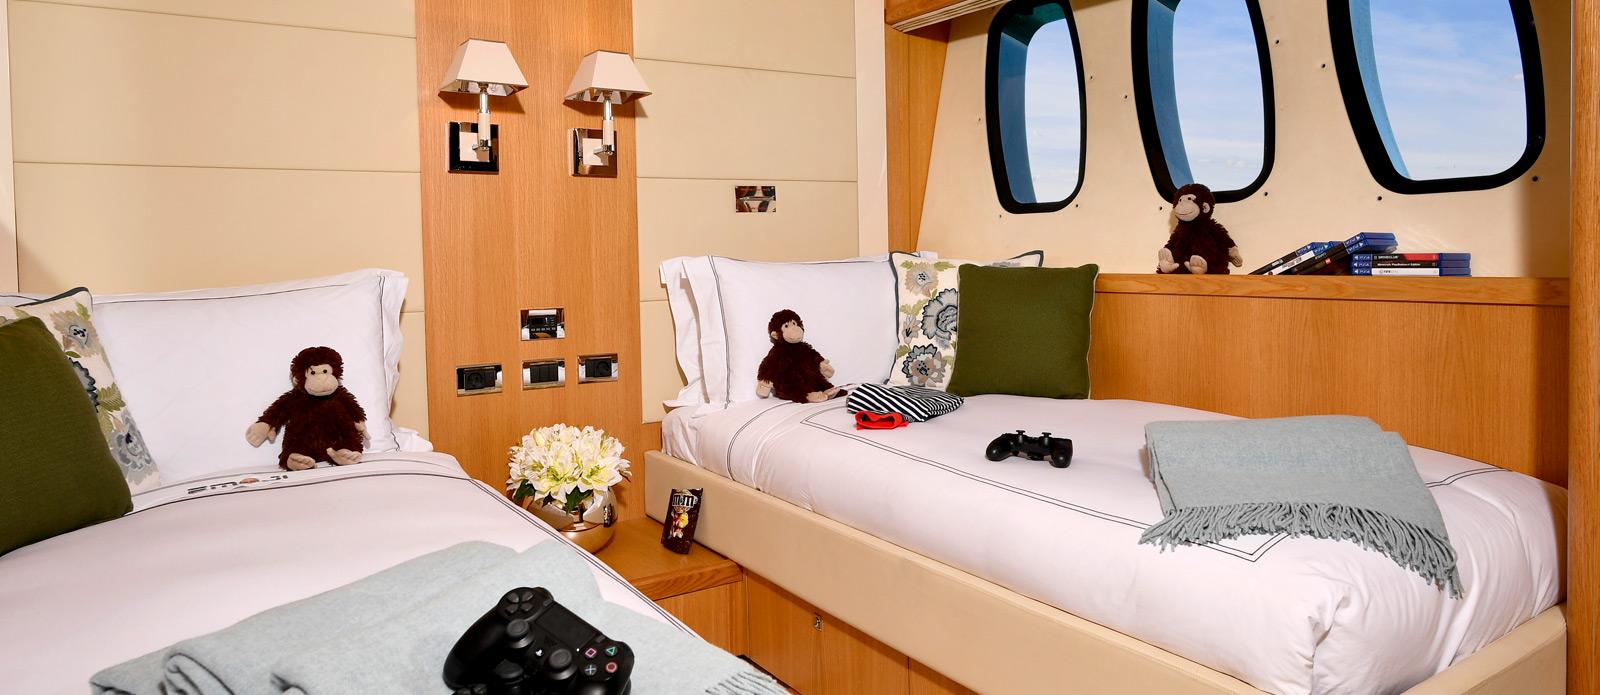 Sunseeker-34-Metre-Yacht---Emoji---Twin-Cabin